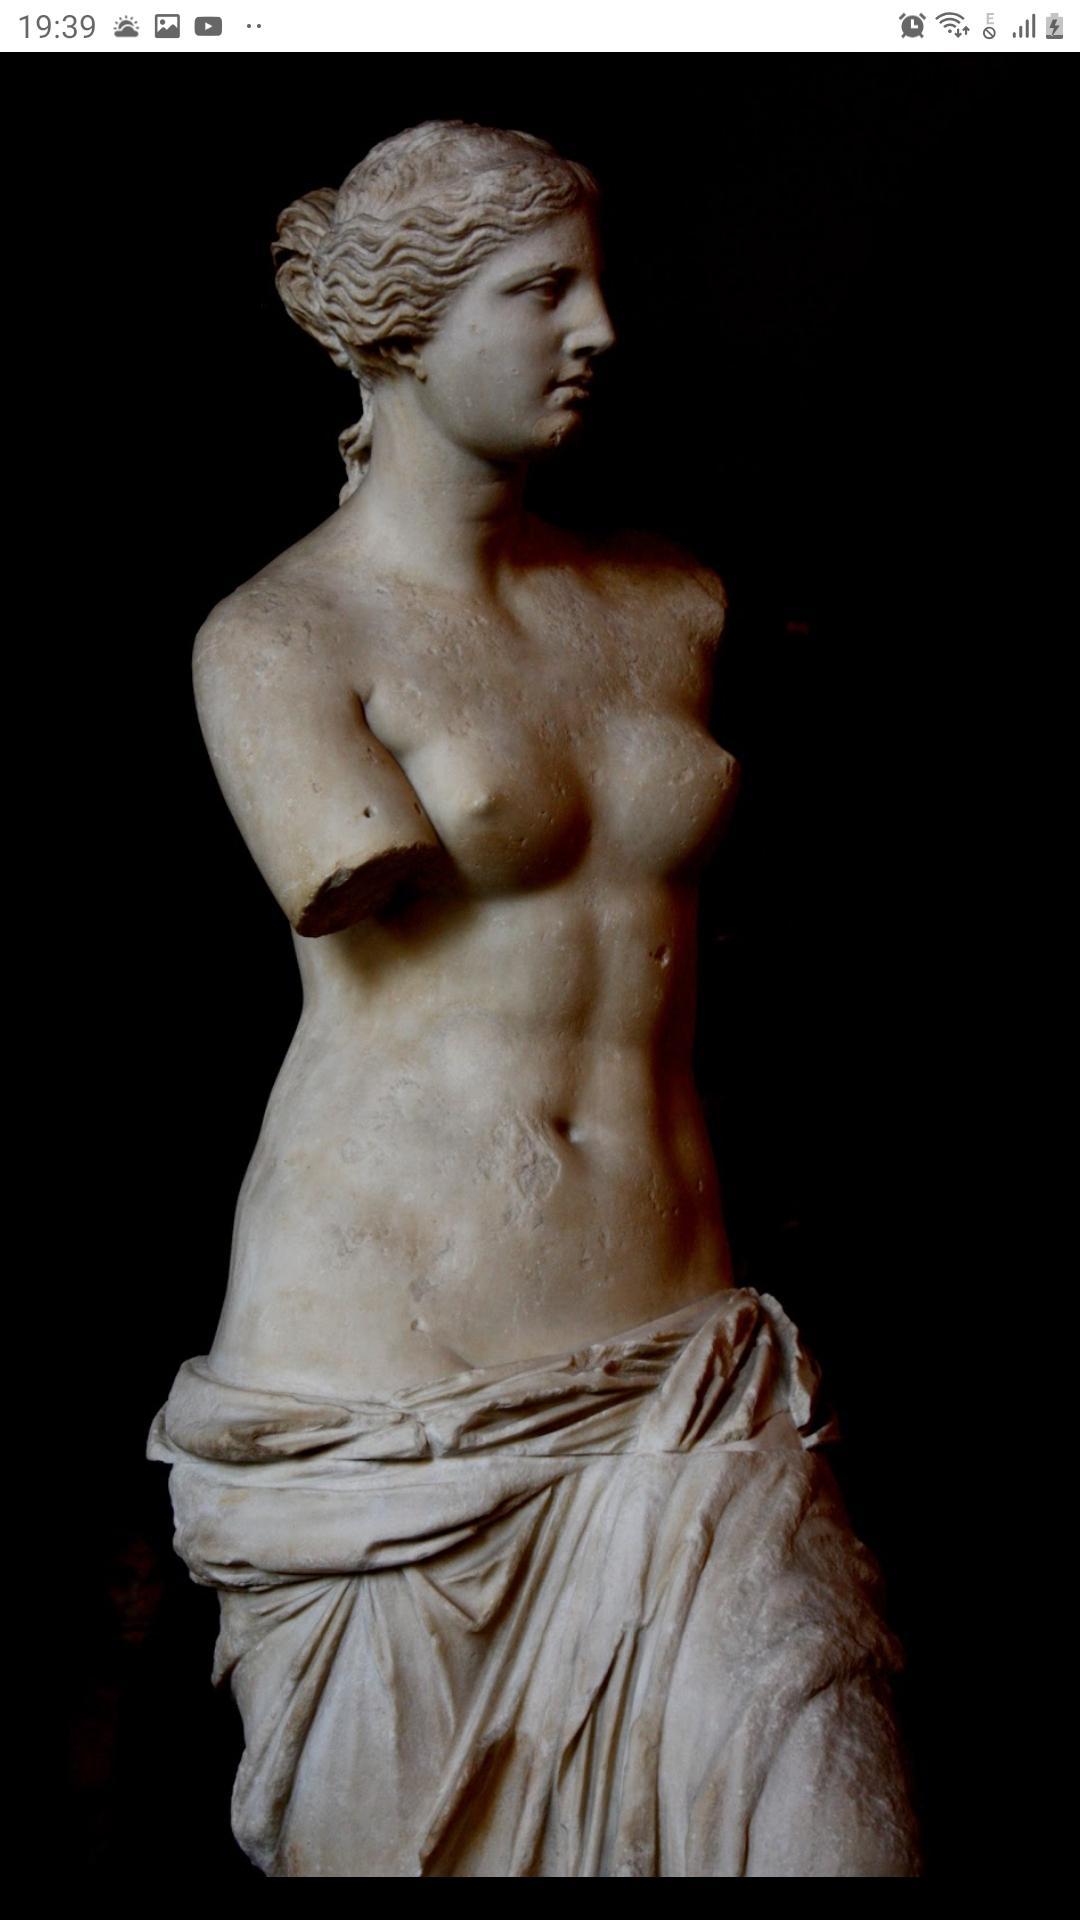 O linda e pequena Afrodite...